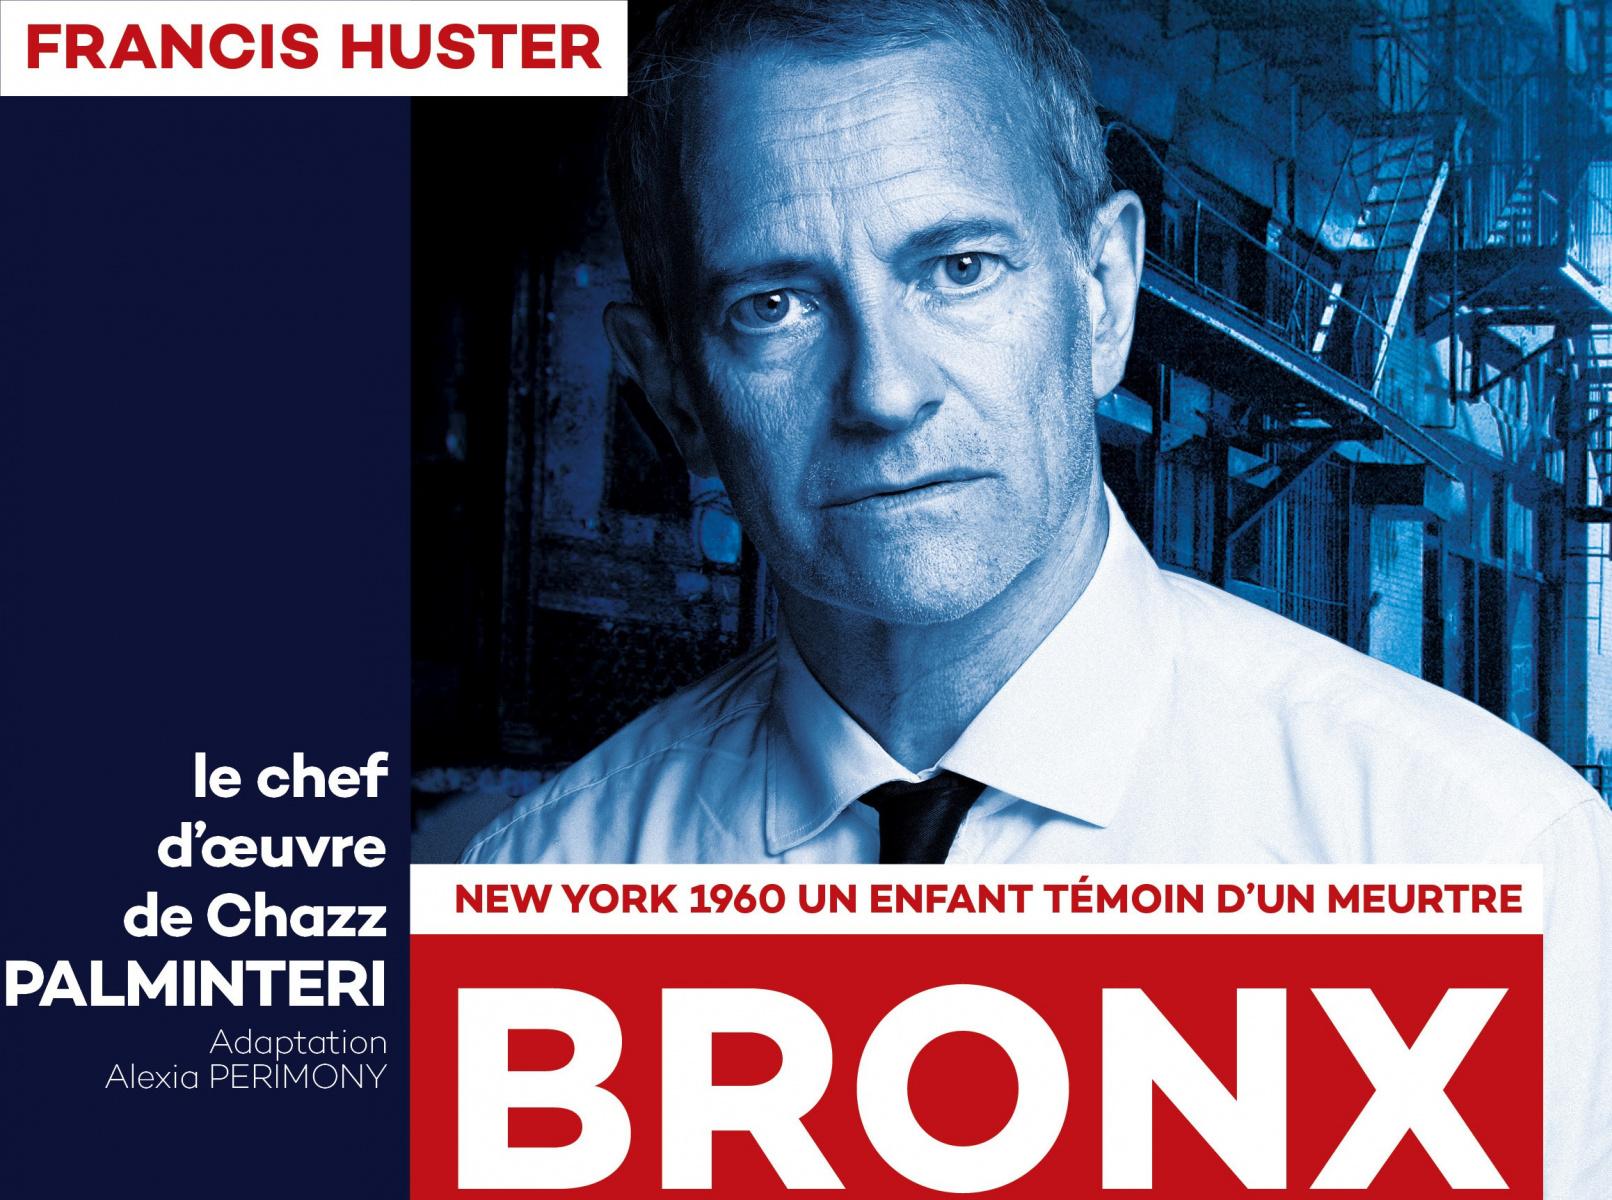 sites de rencontres gratuit Bronx site de datation de meth Head